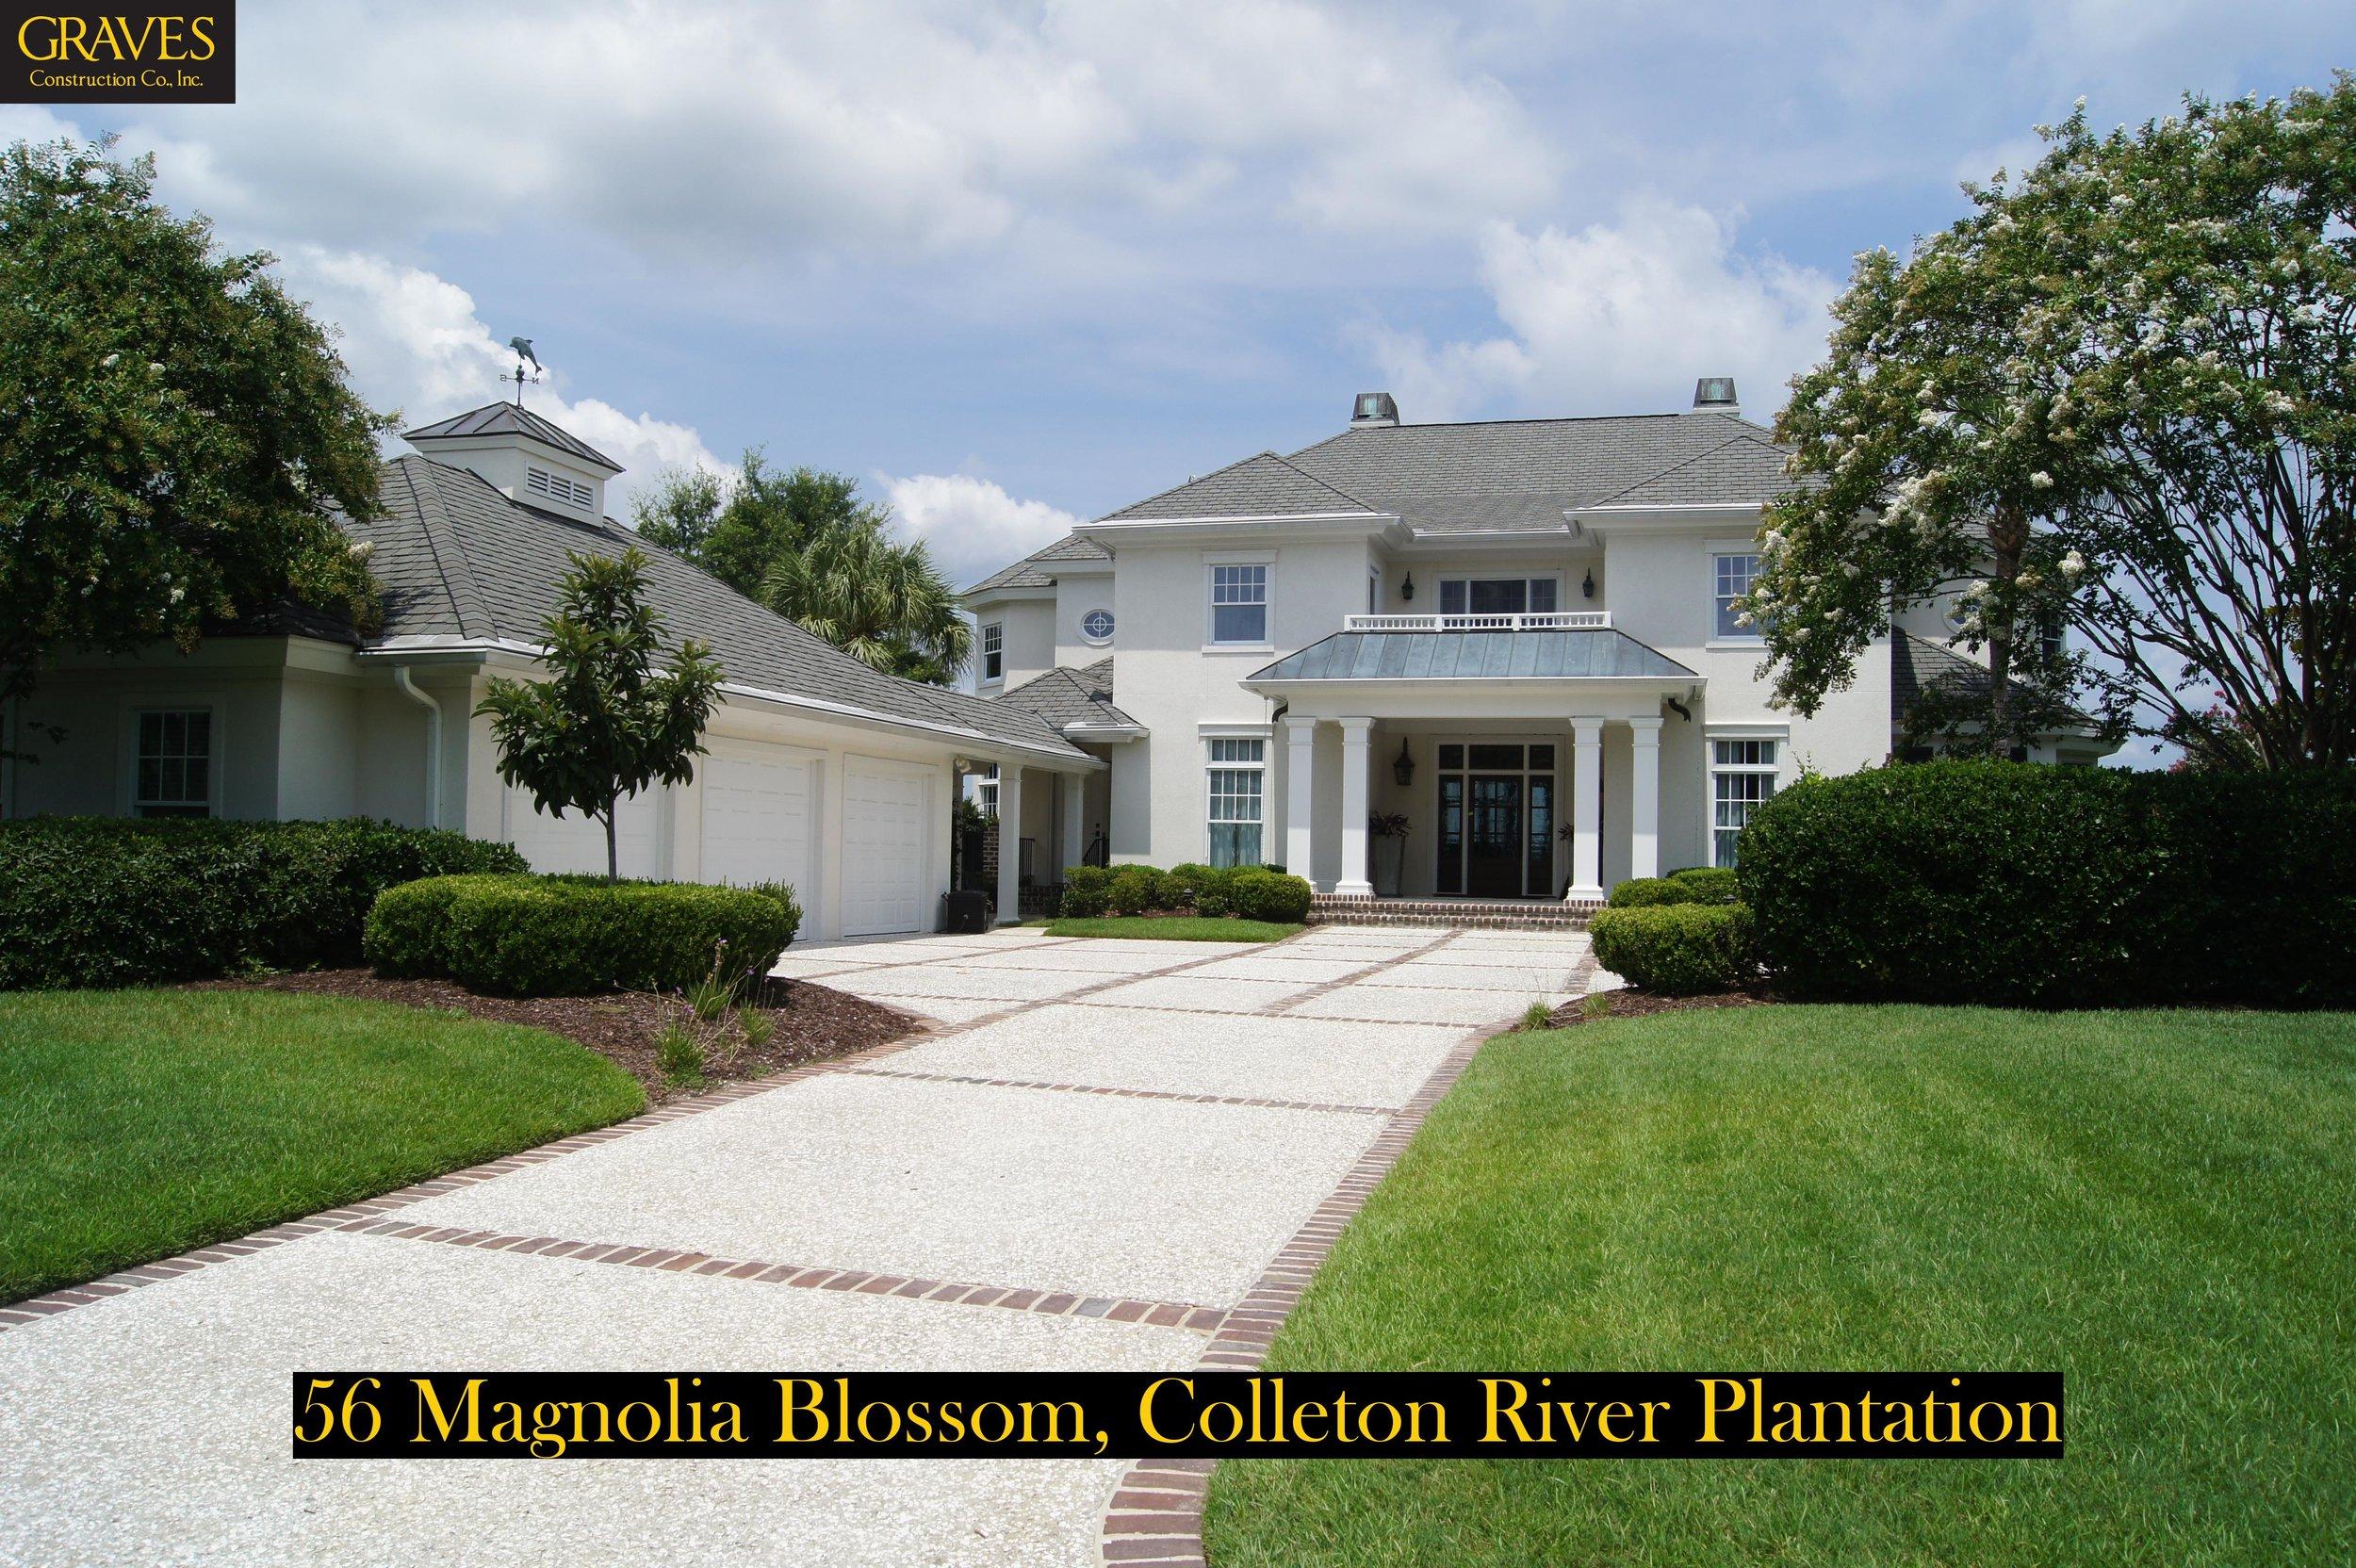 56 Magnolia Blossom - 3